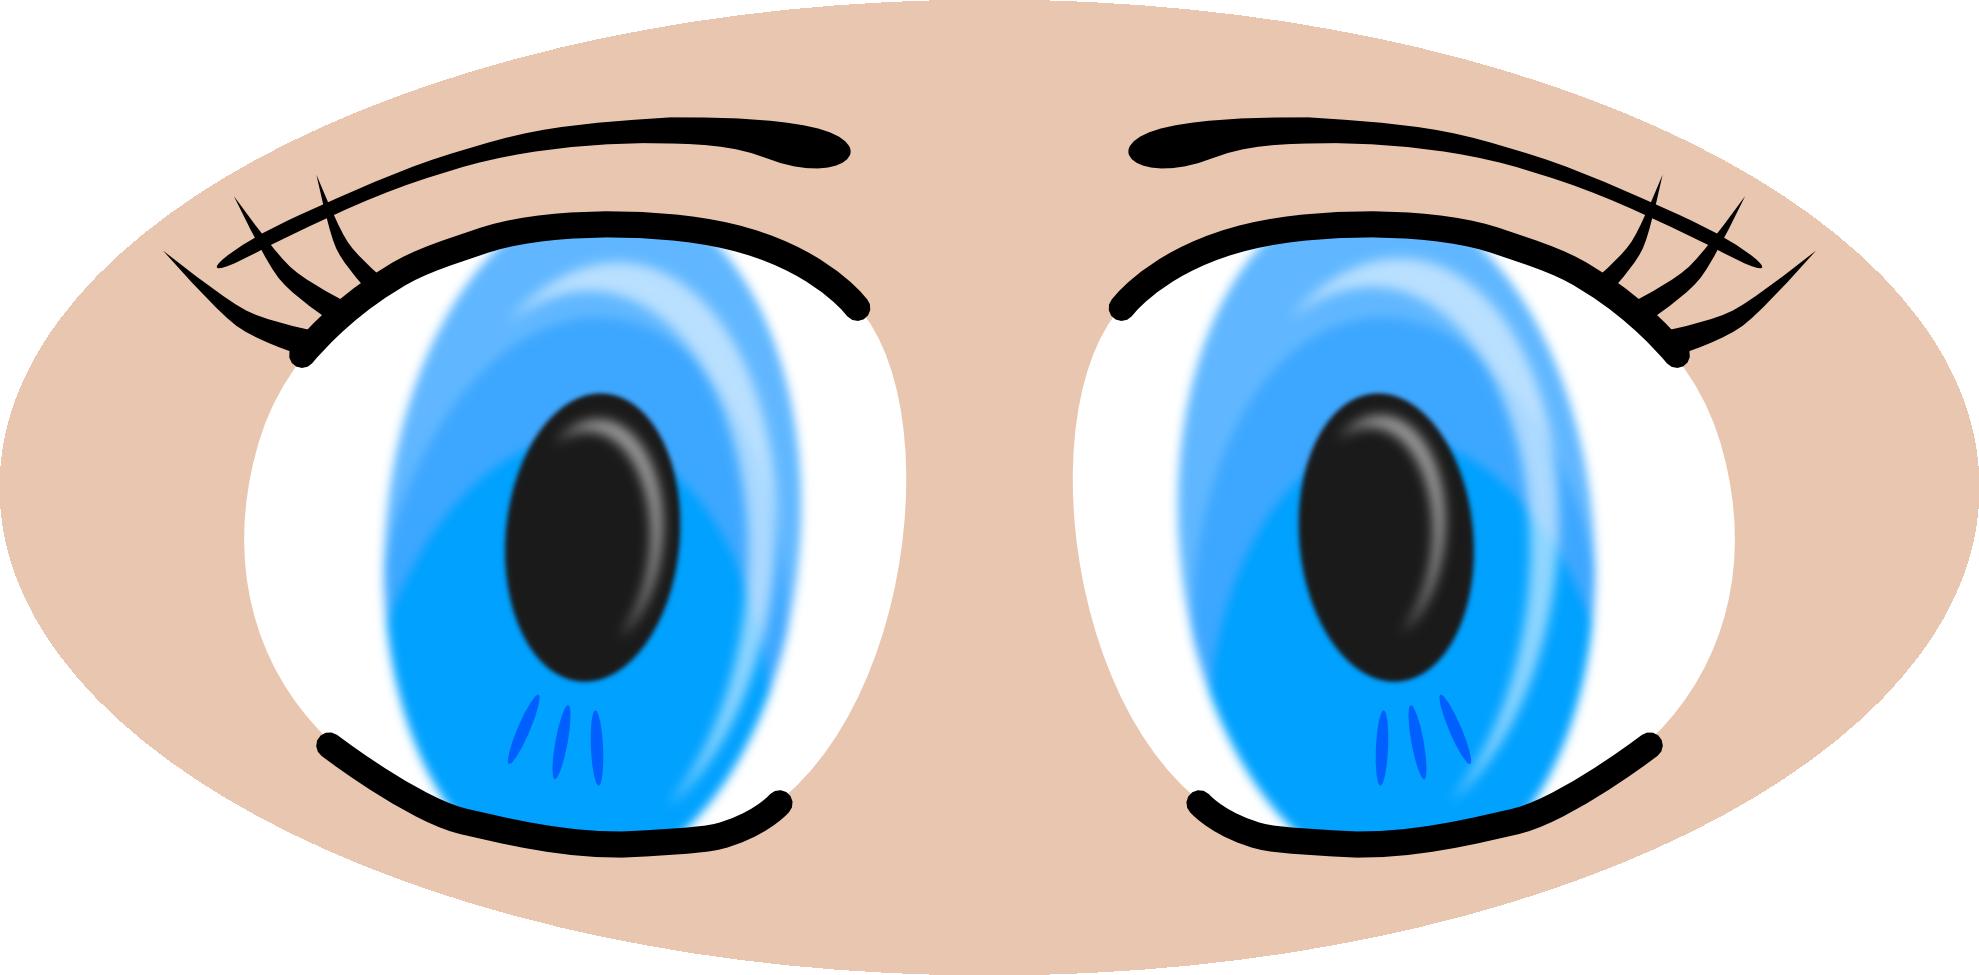 Hazel Eyes clipart anime #159 Clipart 149 Tiny Eyes